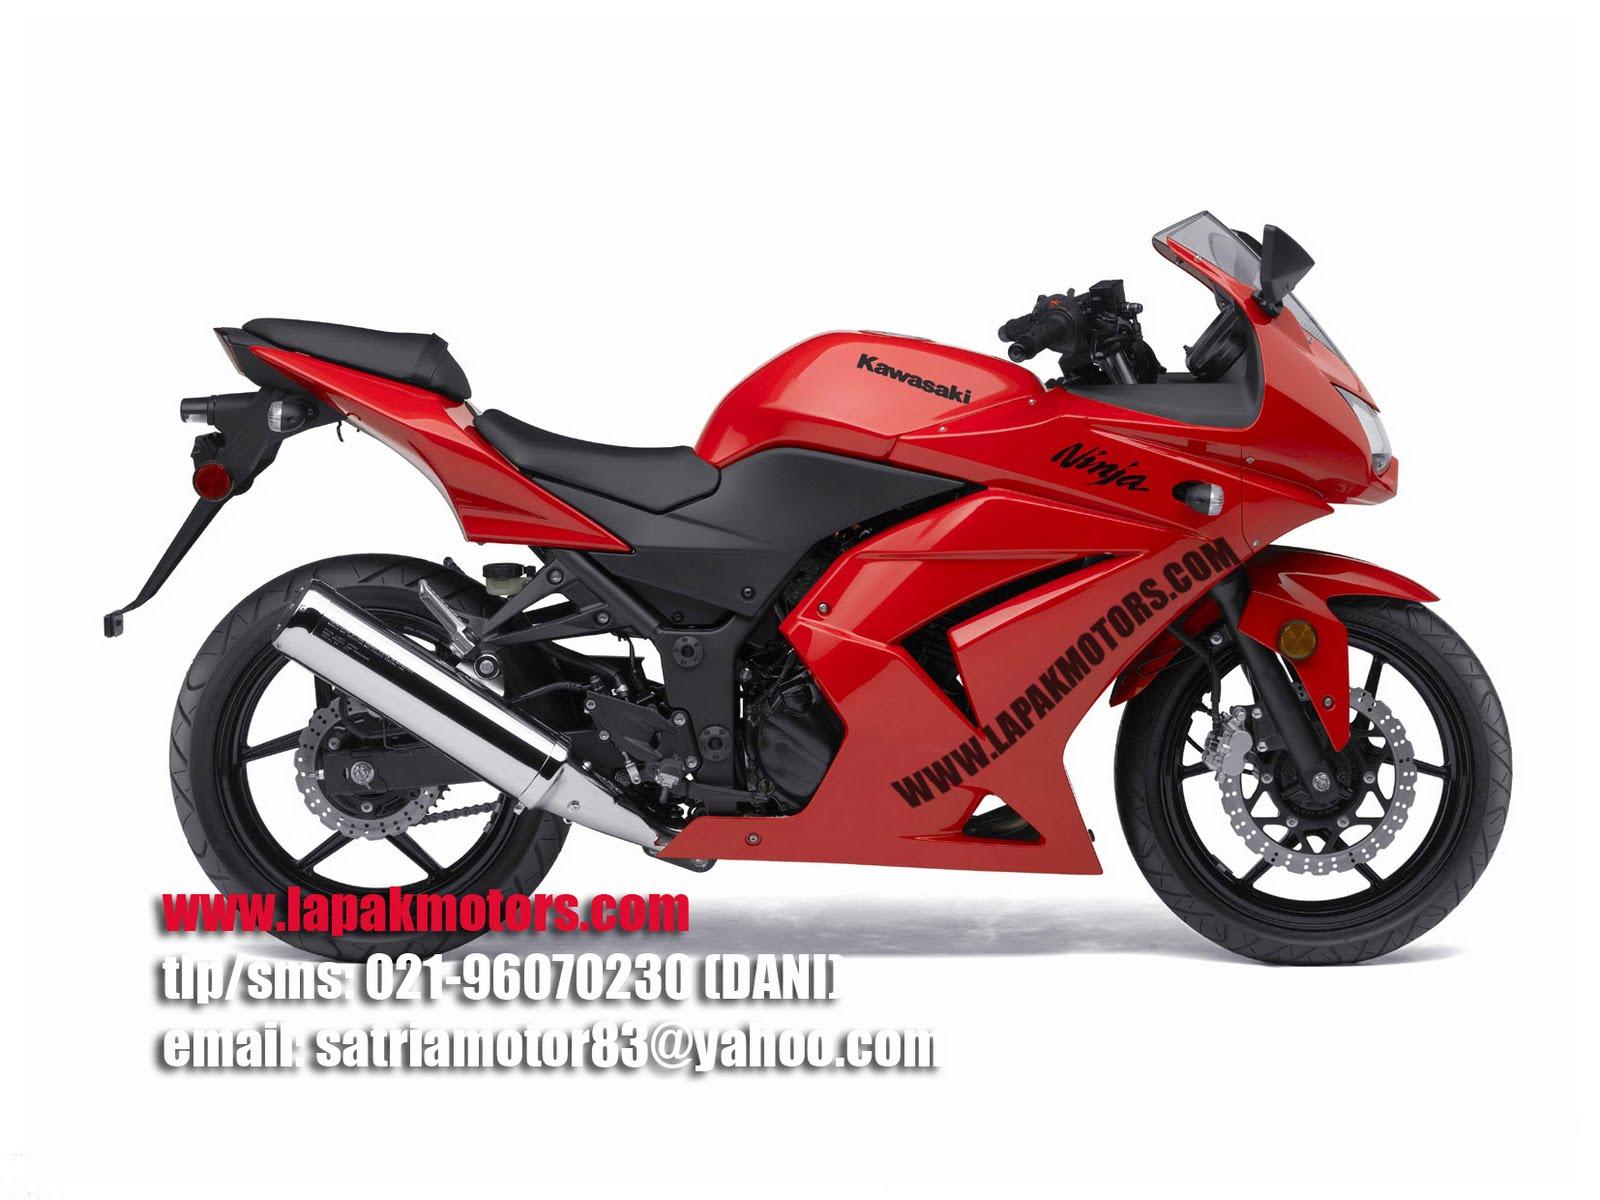 http://4.bp.blogspot.com/_d1-A2W5dhM0/TG-Wway1TzI/AAAAAAAAARo/0Ptk9f-E-70/s1600/kawasaki-ninja-250R-merah.jpg